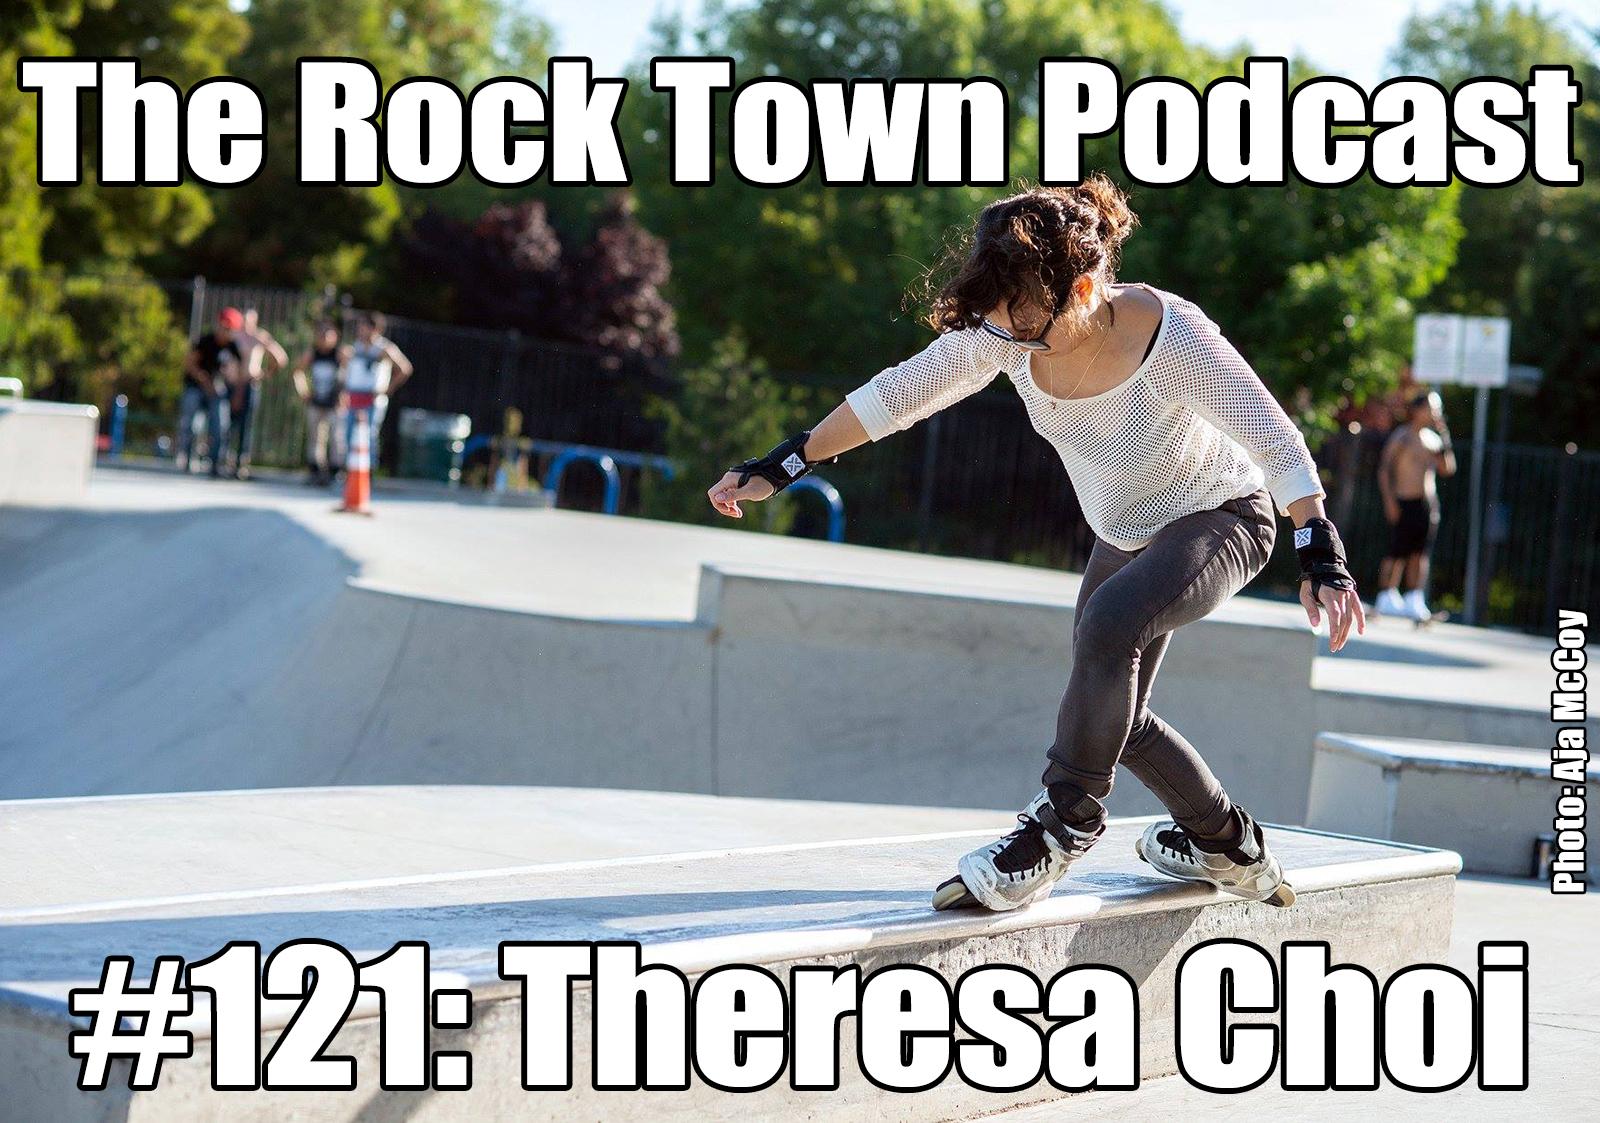 TheresaChoiTHUMB